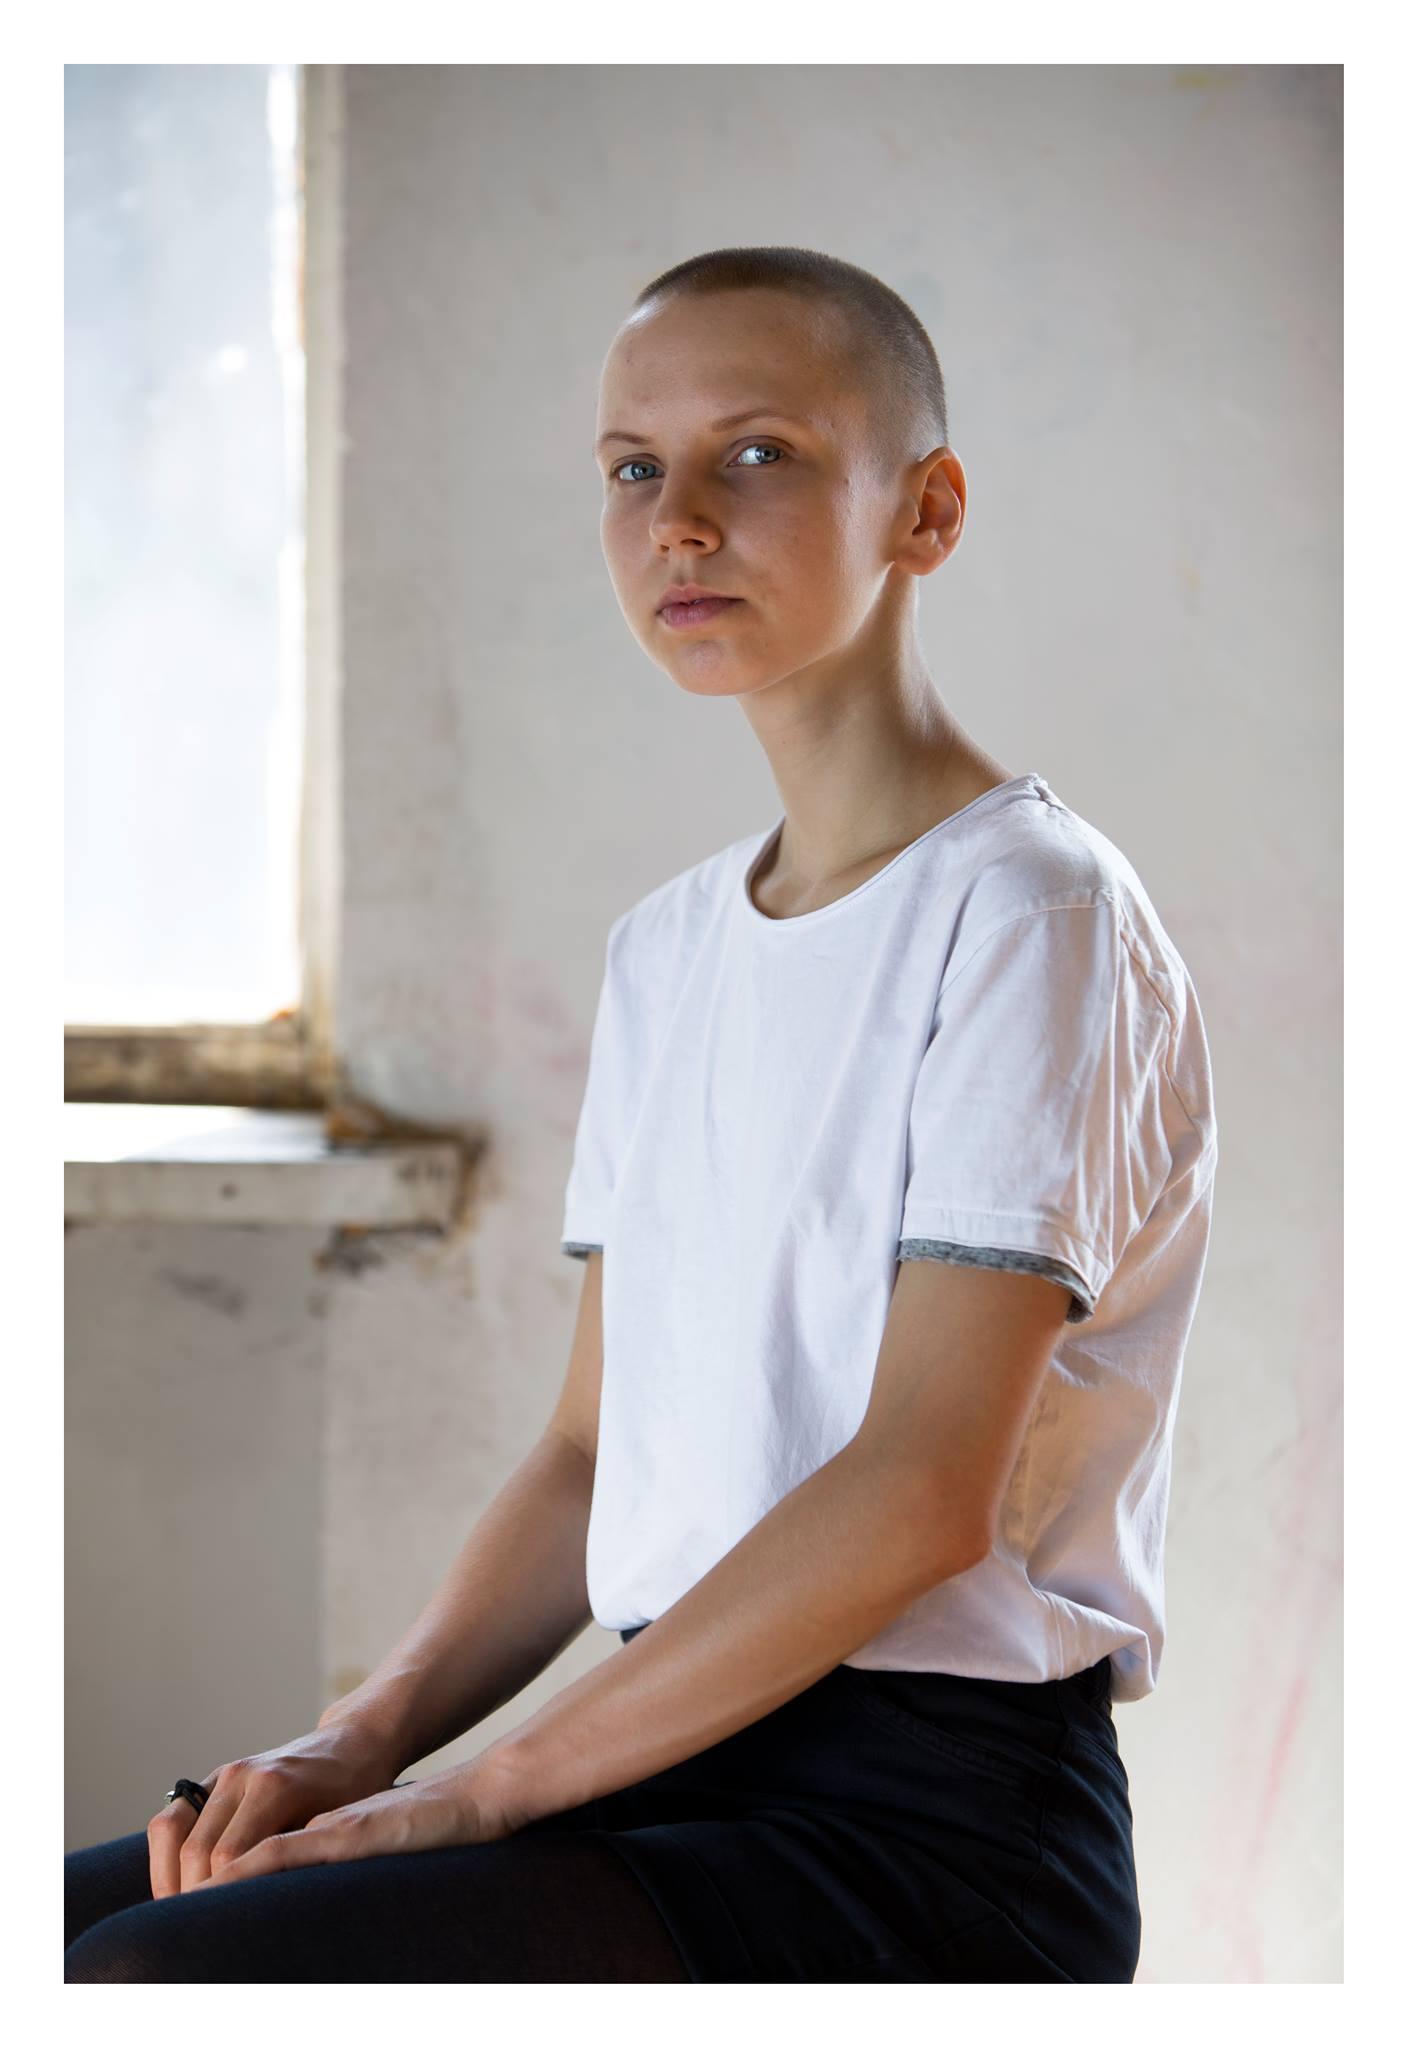 Mari ajas oma juuksed maha ühest küljest Protestis kell 5 hommikul kohatud naise eeskujul, teisalt oma vähki põdeva ema toetuseks. Foto: Annika Haas